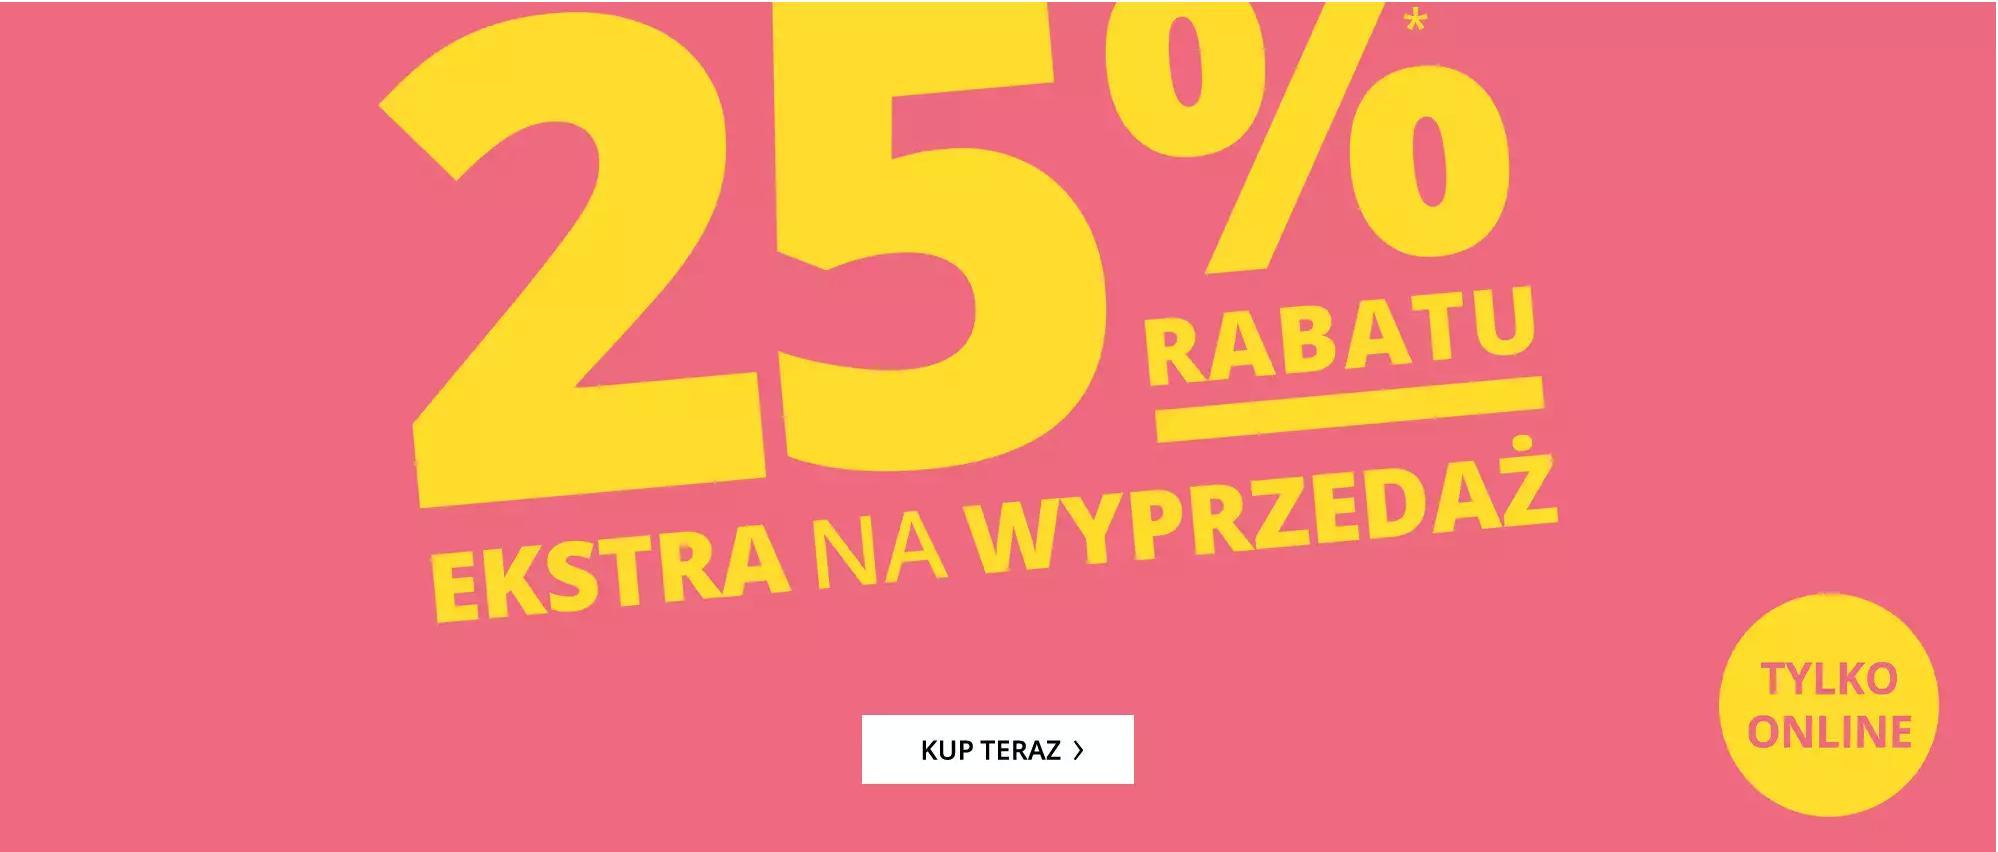 Peek & Cloppenburg Peek & Cloppenburg: 25% extra rabatu na wyprzedaż odzieży damskiej, męskiej i dziecięcej